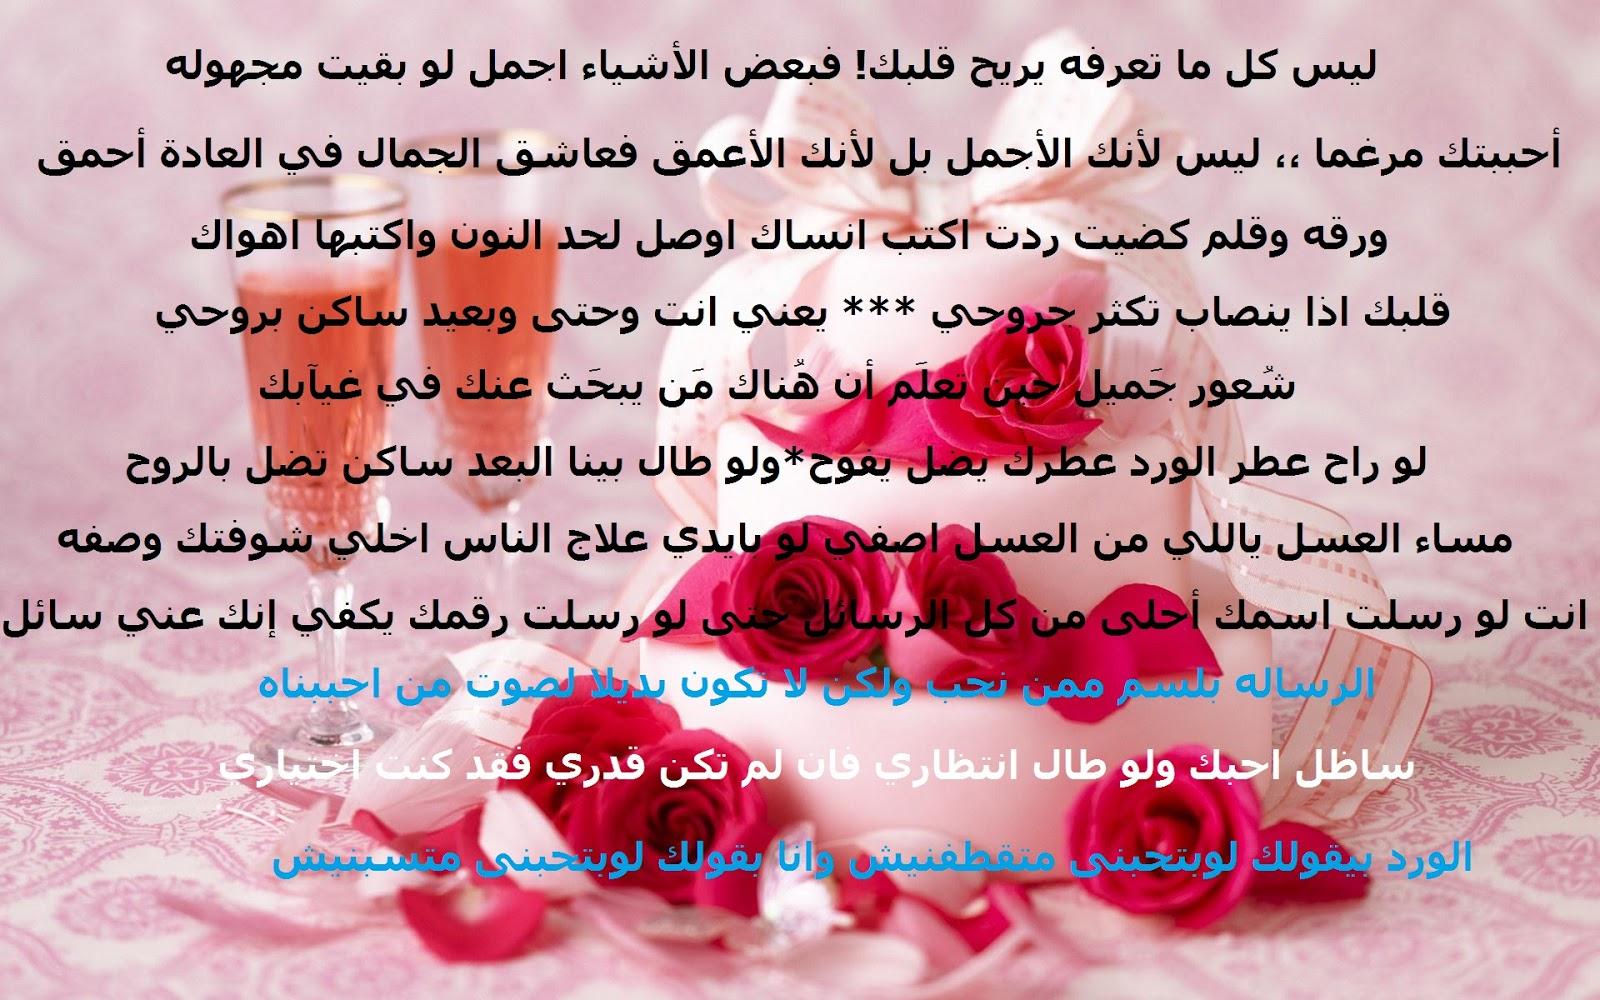 بالصور رسائل الحب والعشق , رسائل حب للحبيب 5854 8